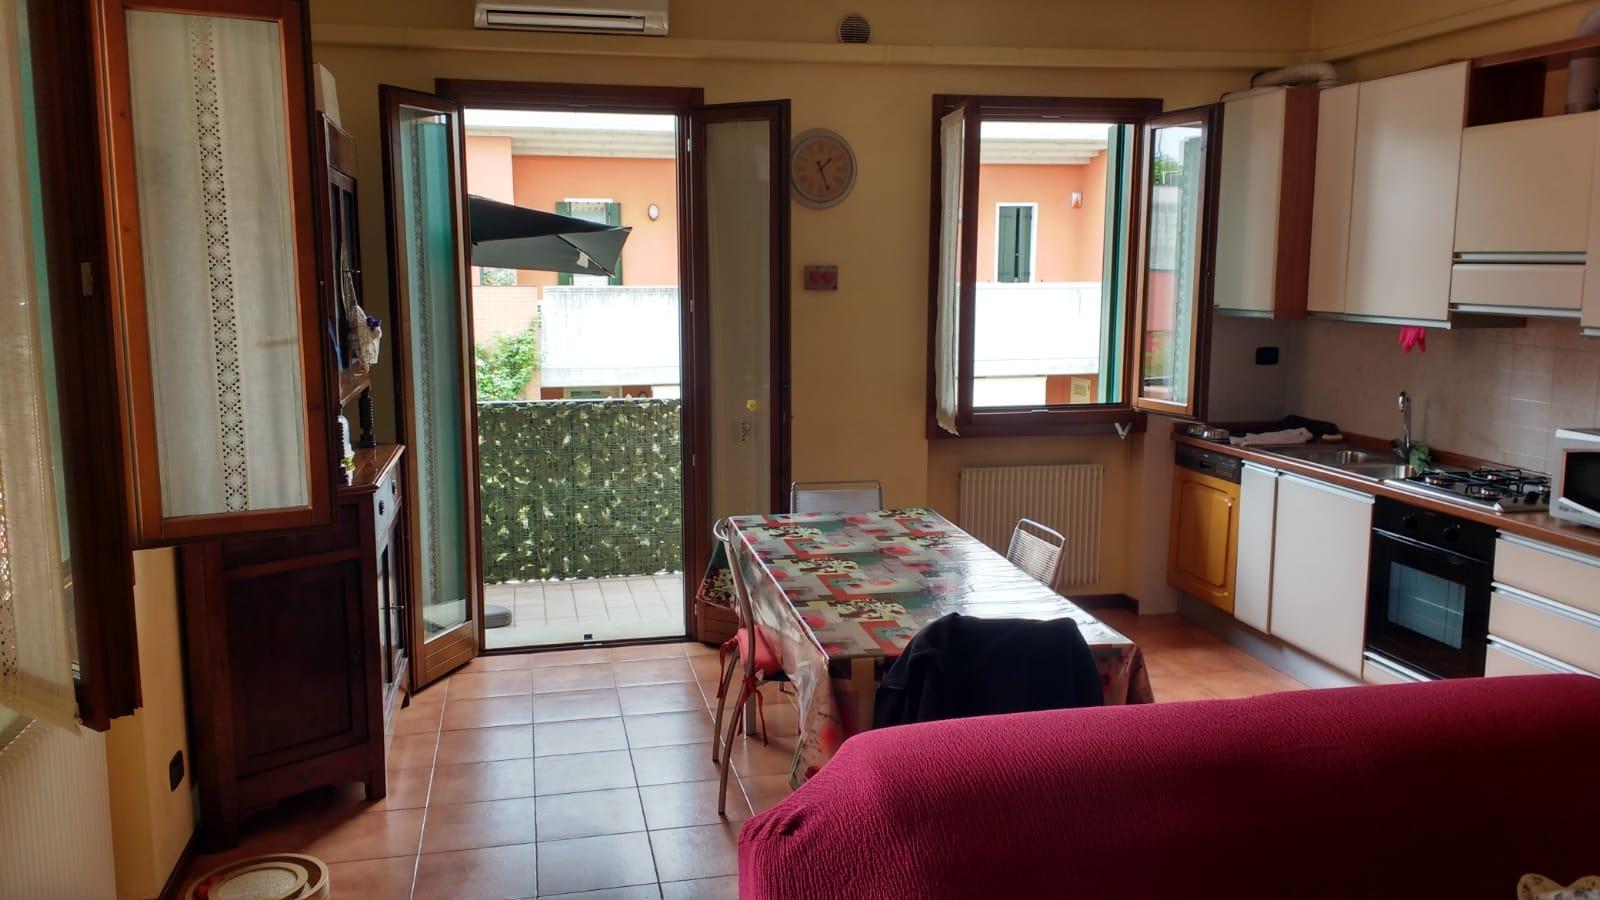 vendita appartamento treviso s.maria del rovere  170000 euro  4 locali  70 mq